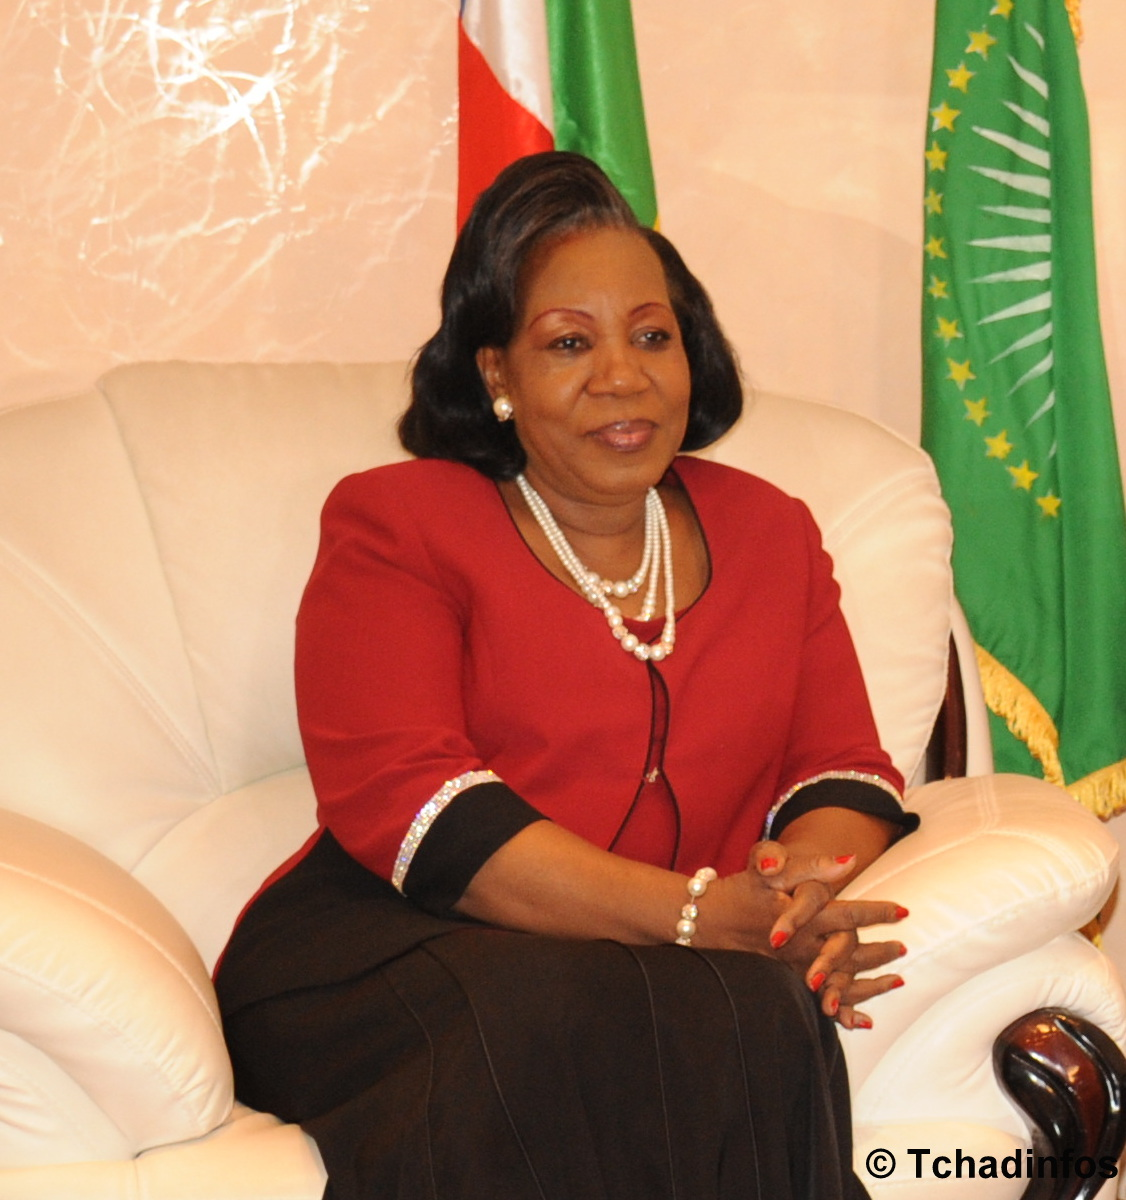 La Centrafrique a connu une évolution positive ces derniers mois selon l'ONU